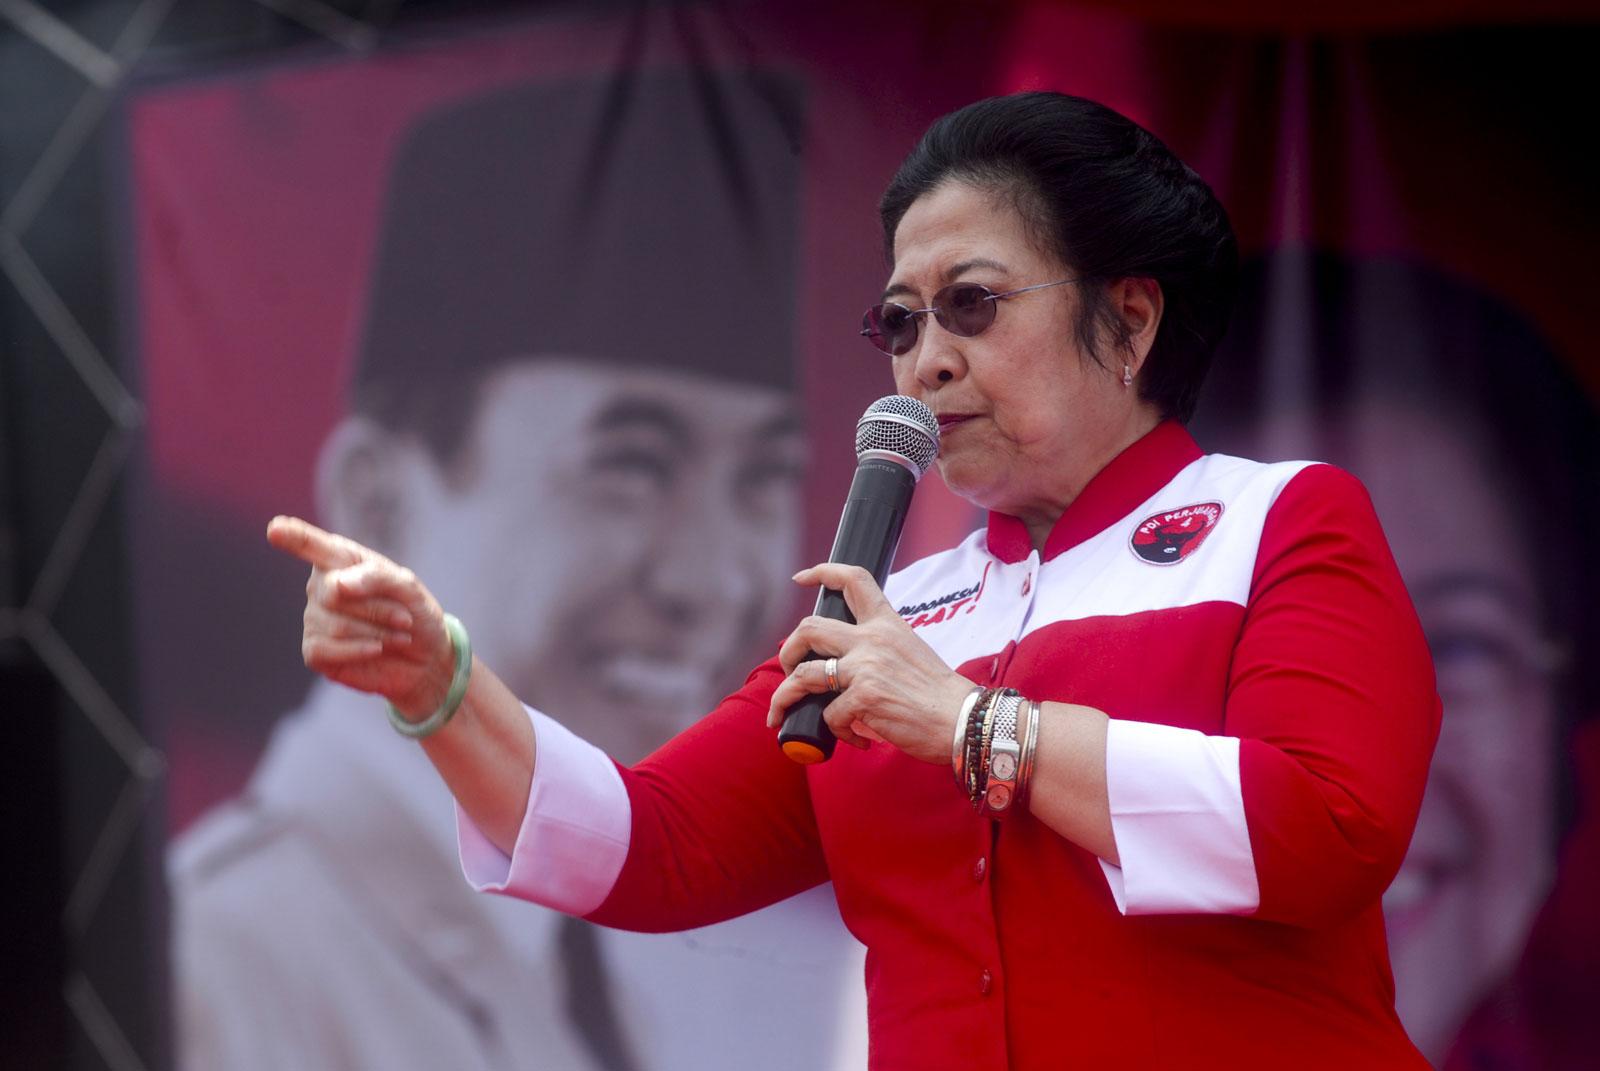 Ajak Para Wanita Berpolitik, Megawati: Contoh Saya Ini Perempuan Bisa Jadi Presiden, Ketum Partai, 3 Kali DPR...